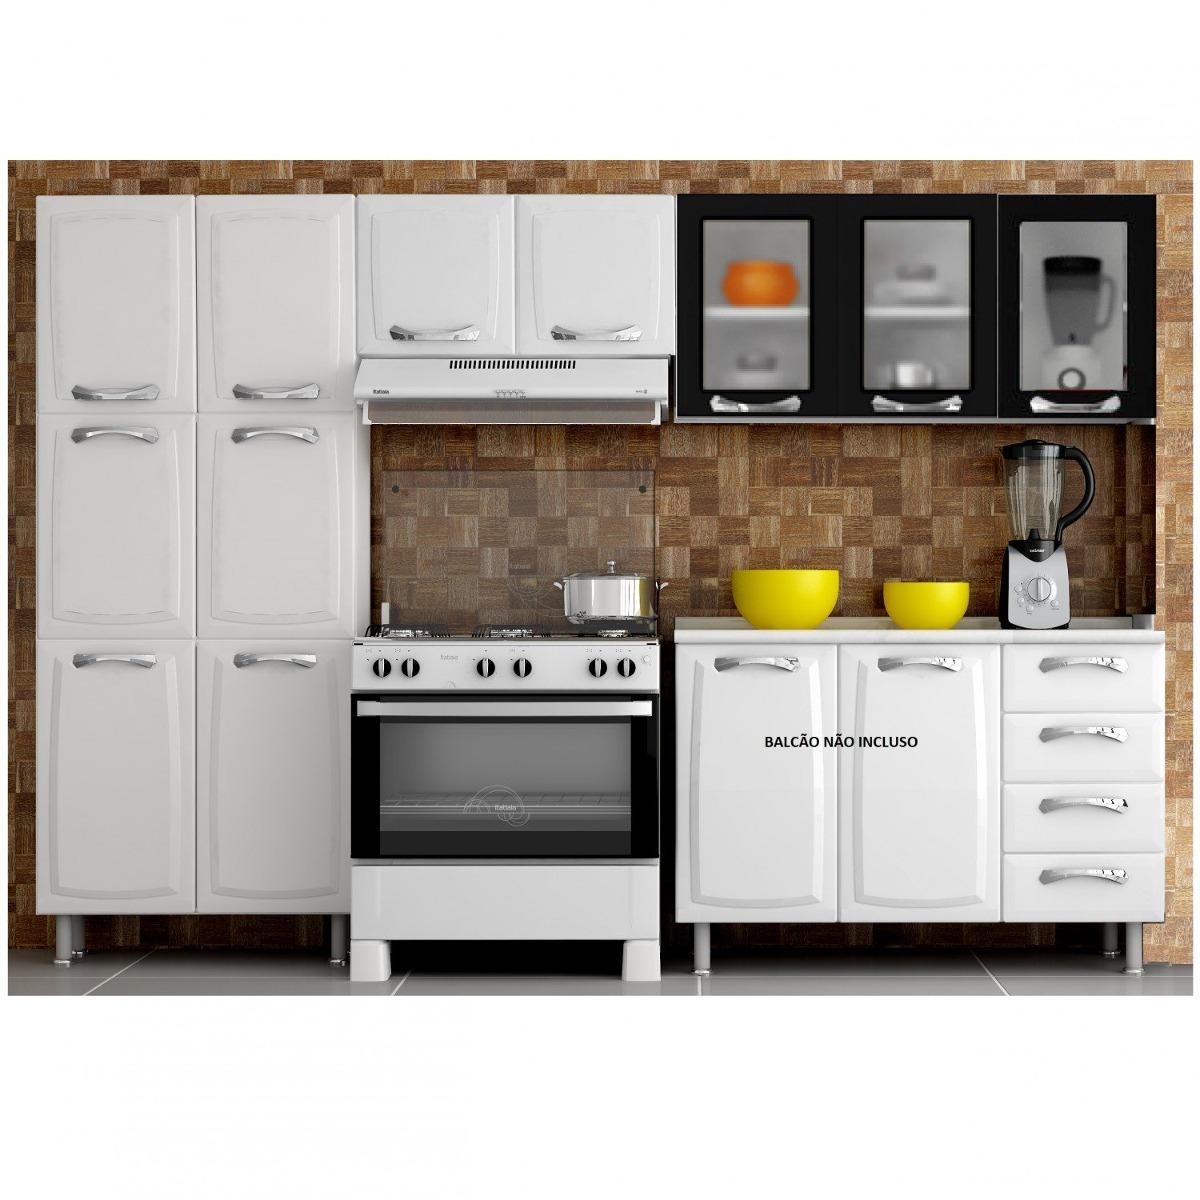 Cozinha Compacta 3 Pe As 3 Portas Em Vidro Premium Ec R 1 059 90